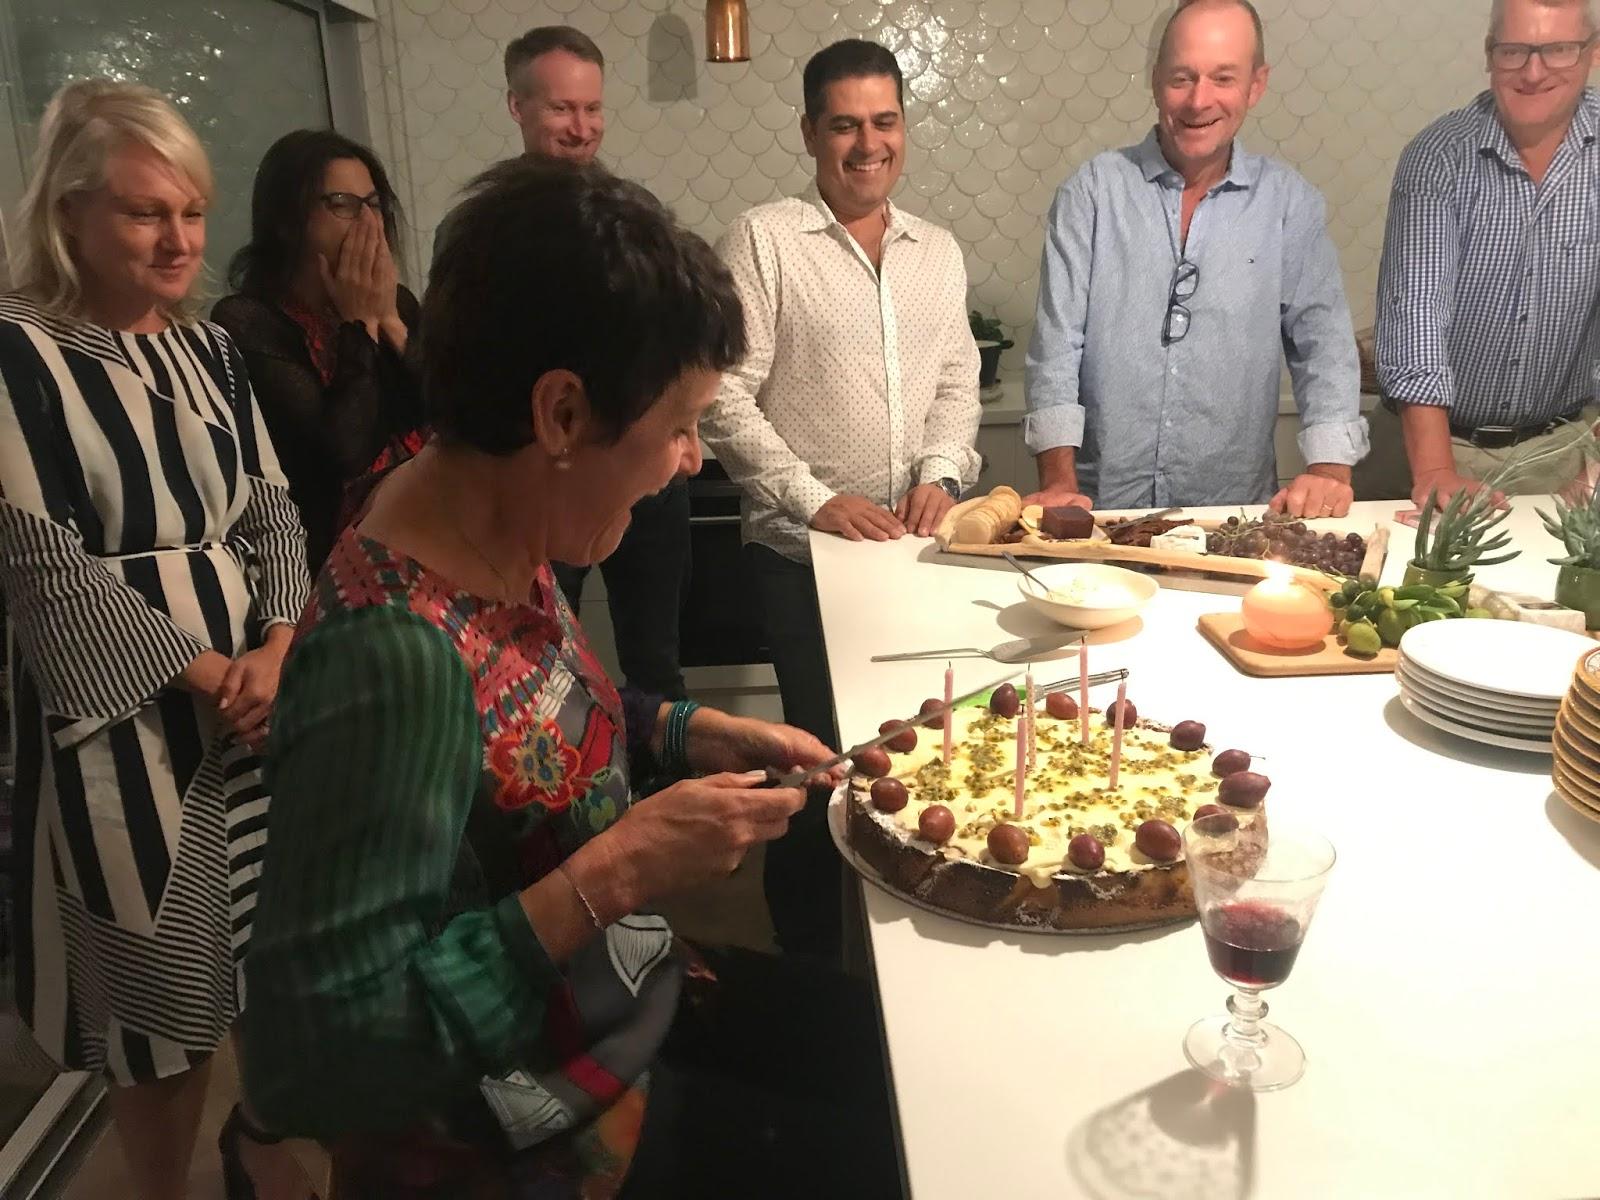 50th Birthday celebrations